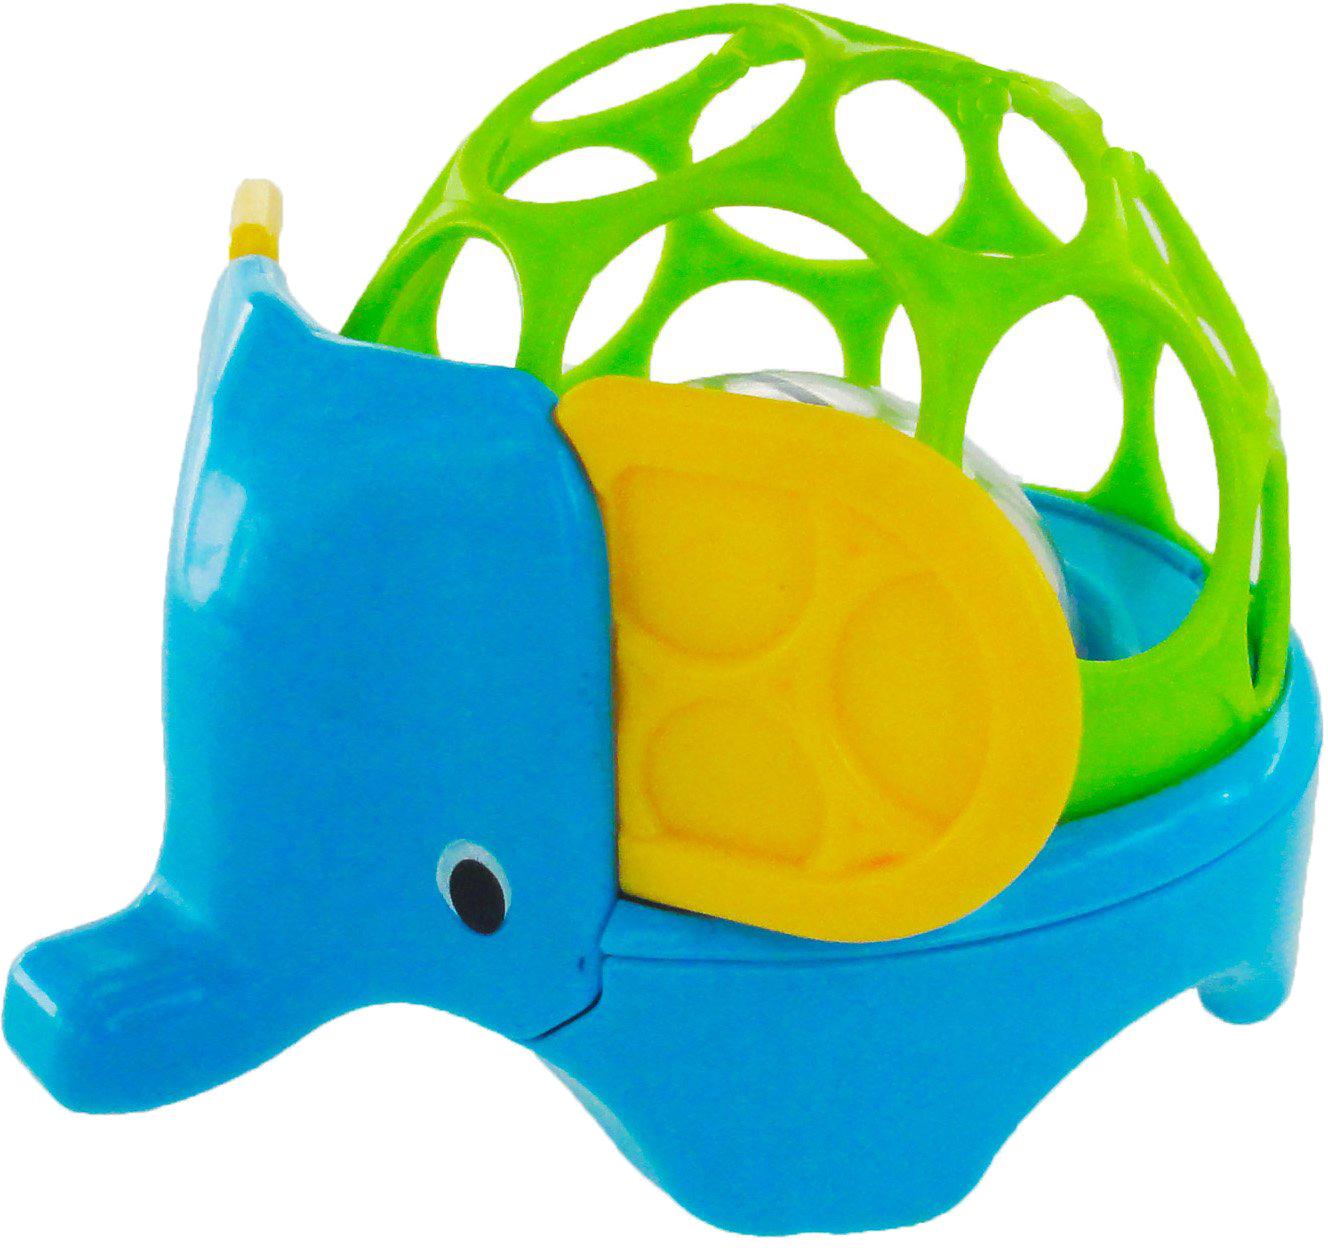 Погремушки Oball Погремушка Oball «Зоопарк: Лев/Слон» развивающие игрушки oball мячик на присоске